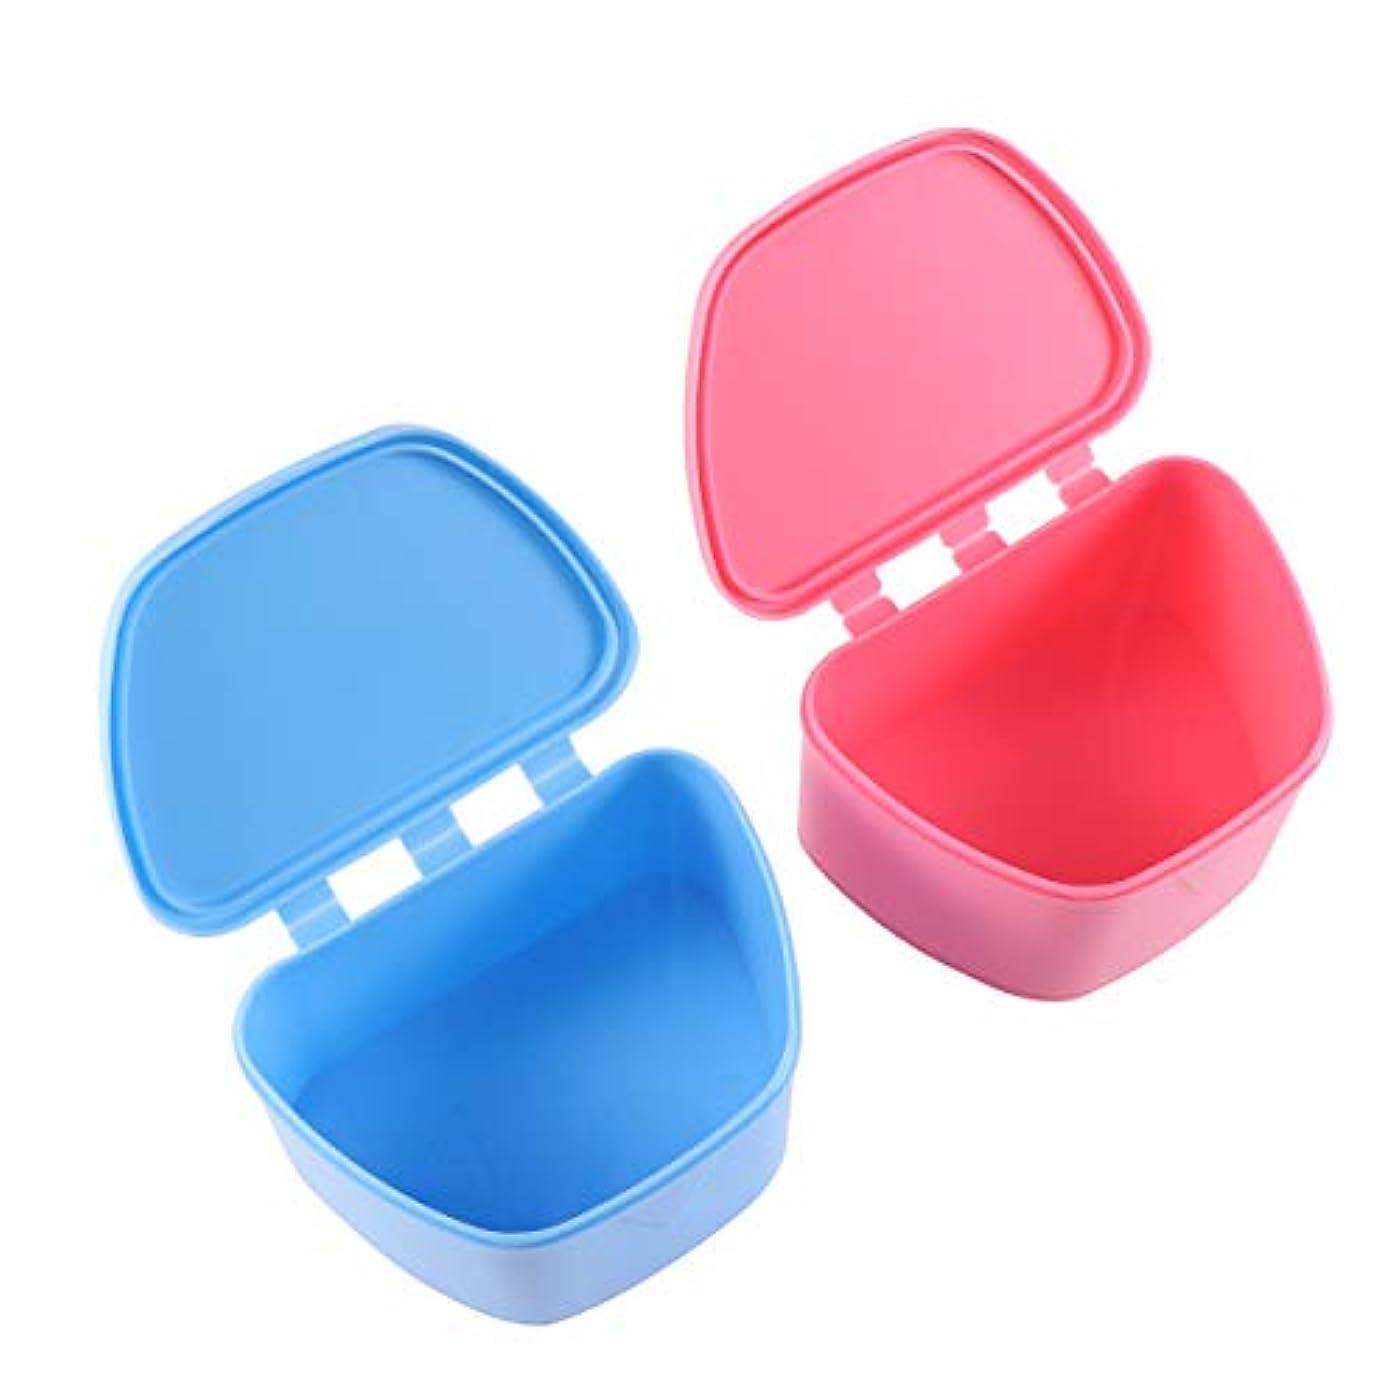 シャックル代理人干渉するHealifty 歯科ケース義歯収納ボックス矯正歯科ボックス2個(青とロージー)